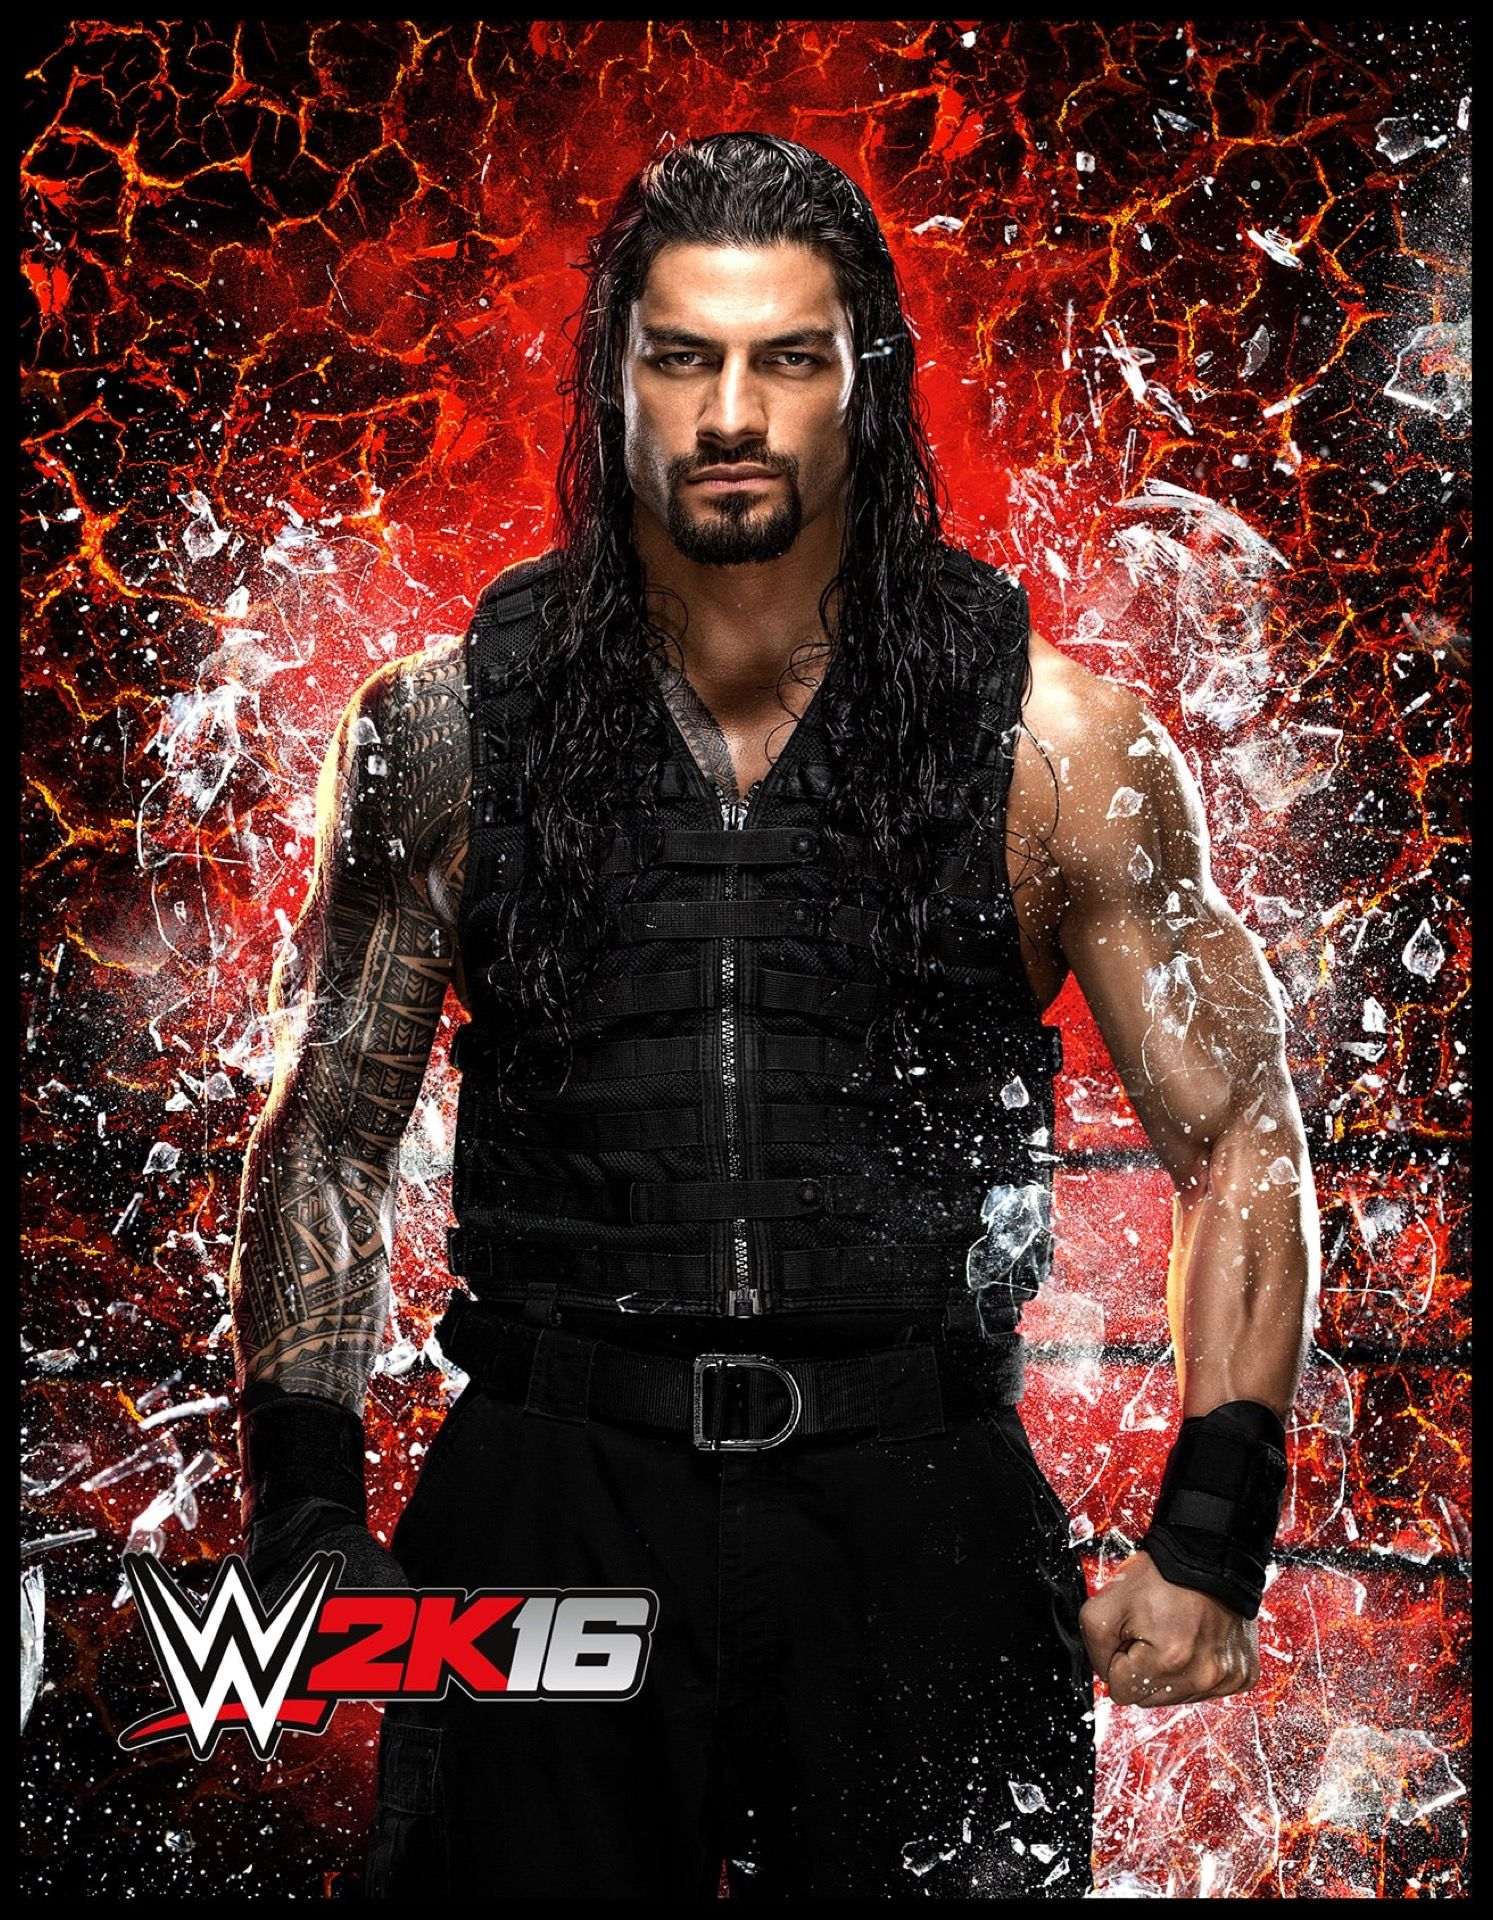 Wwe 2k16 Image Gamespot Wwe Superstar Roman Reigns Wwe Roman Reigns Roman Reigns Smile